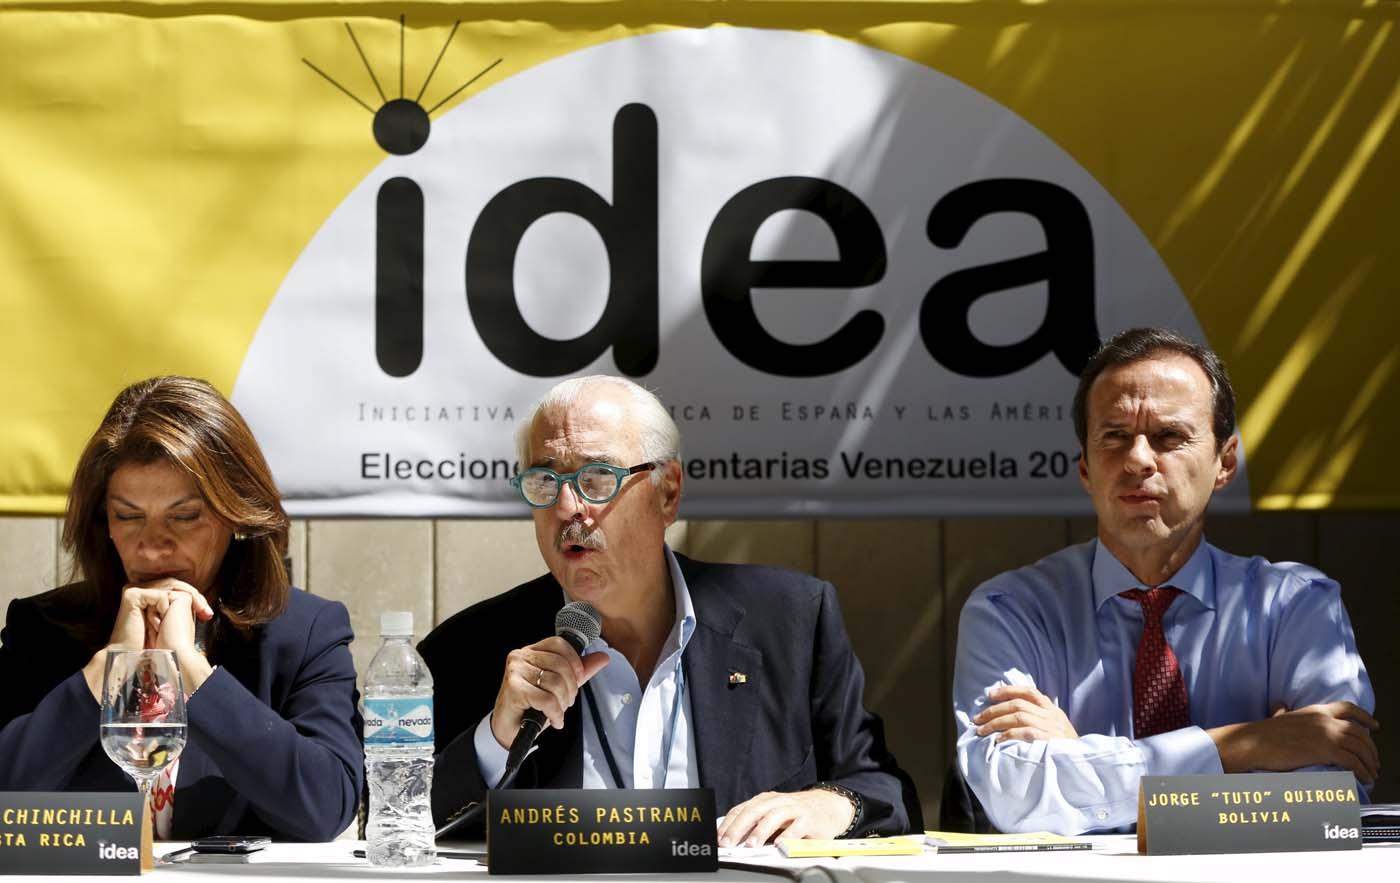 Los expresidentes Laura Chinchilla, Andrés Pastrana y Tuto Quiroga durante su visita a Venezuela (foto REUTERS)